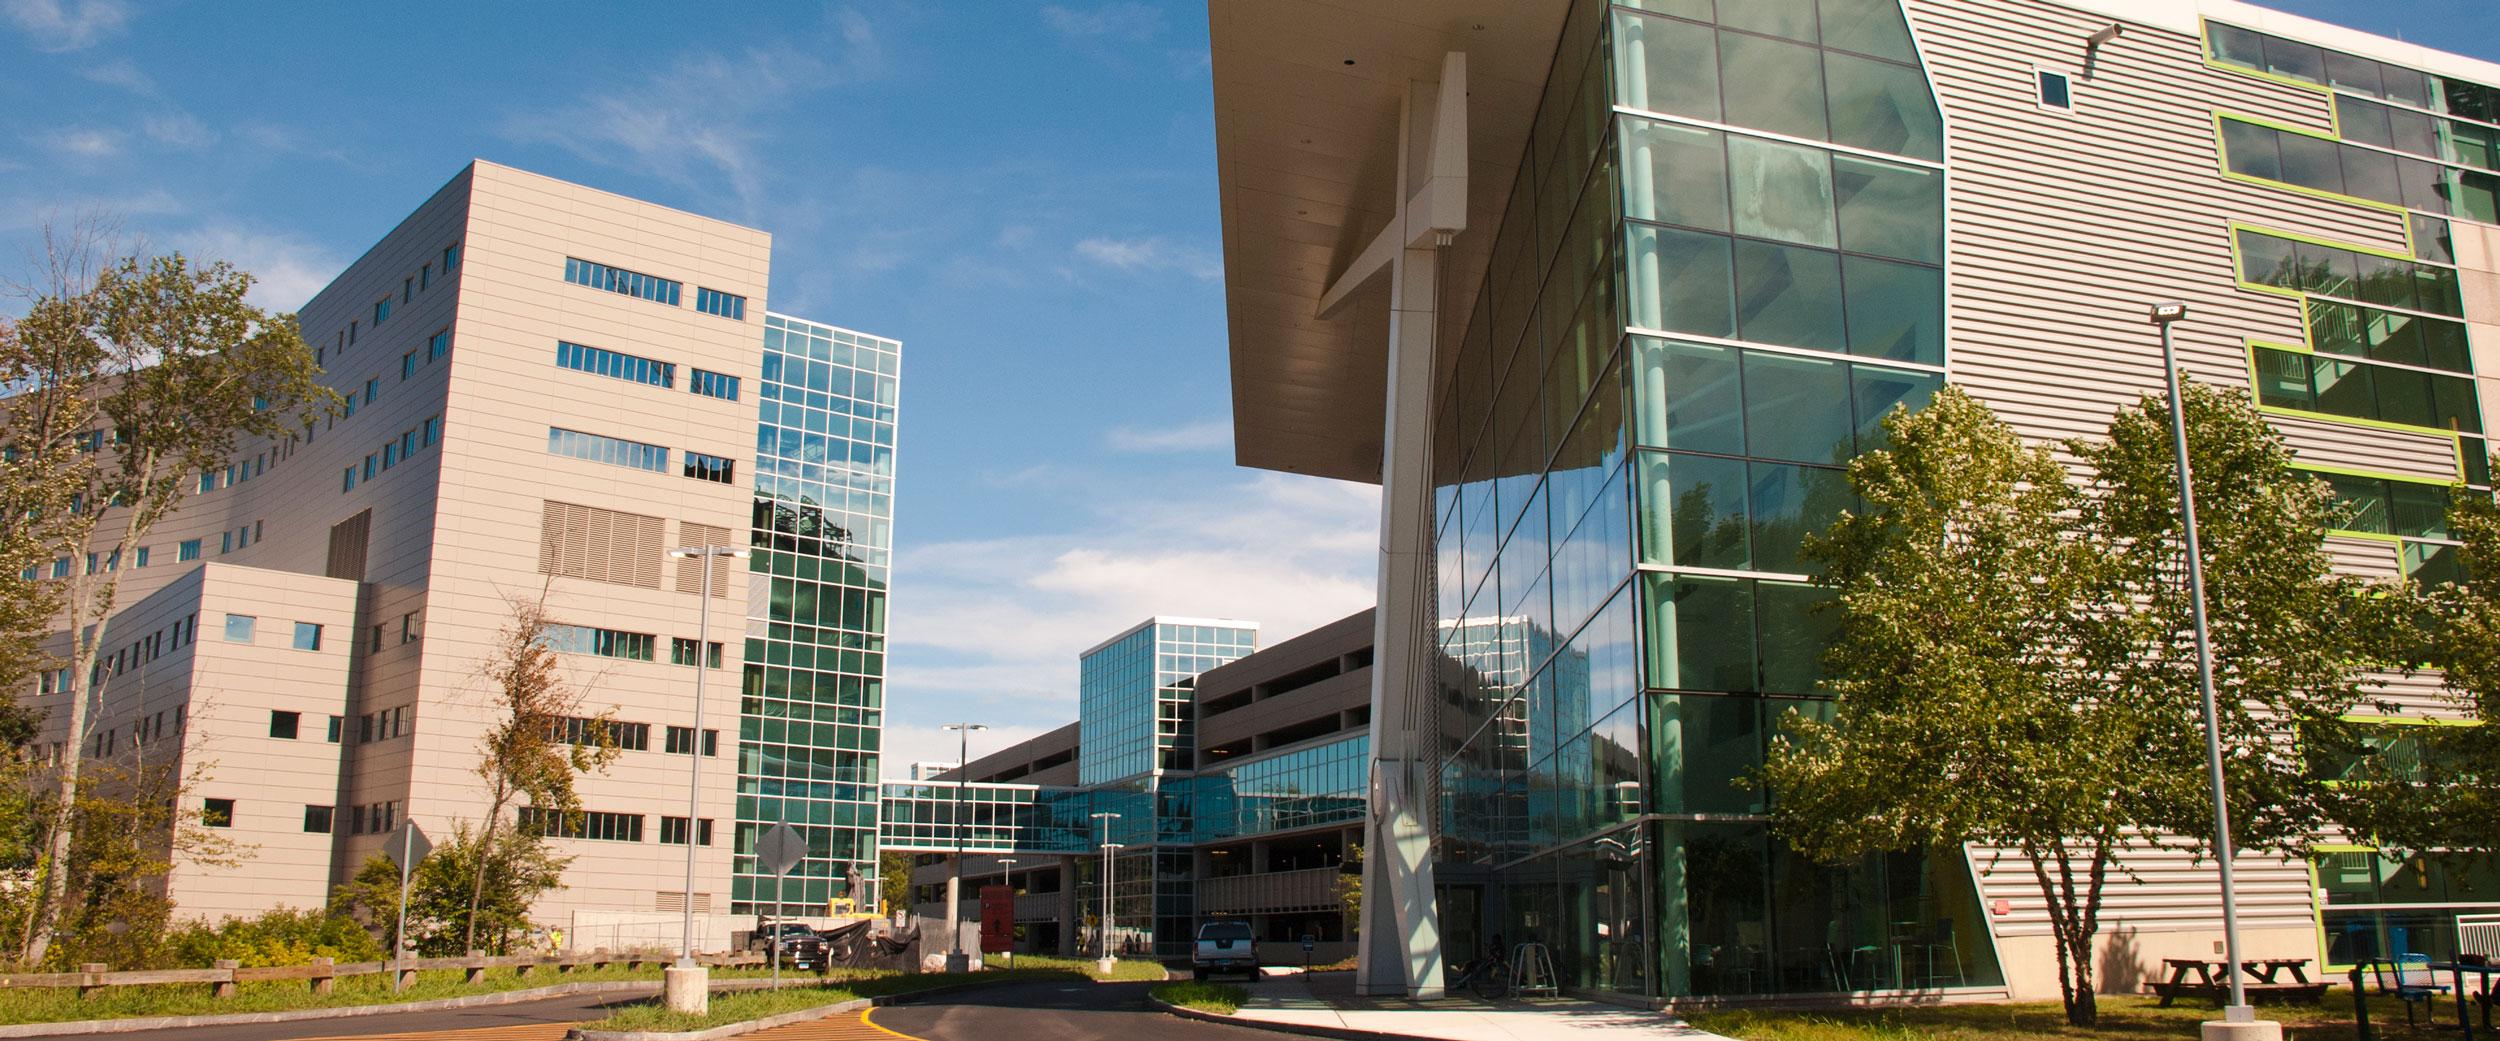 MARB Building and Outpatient Pavilion